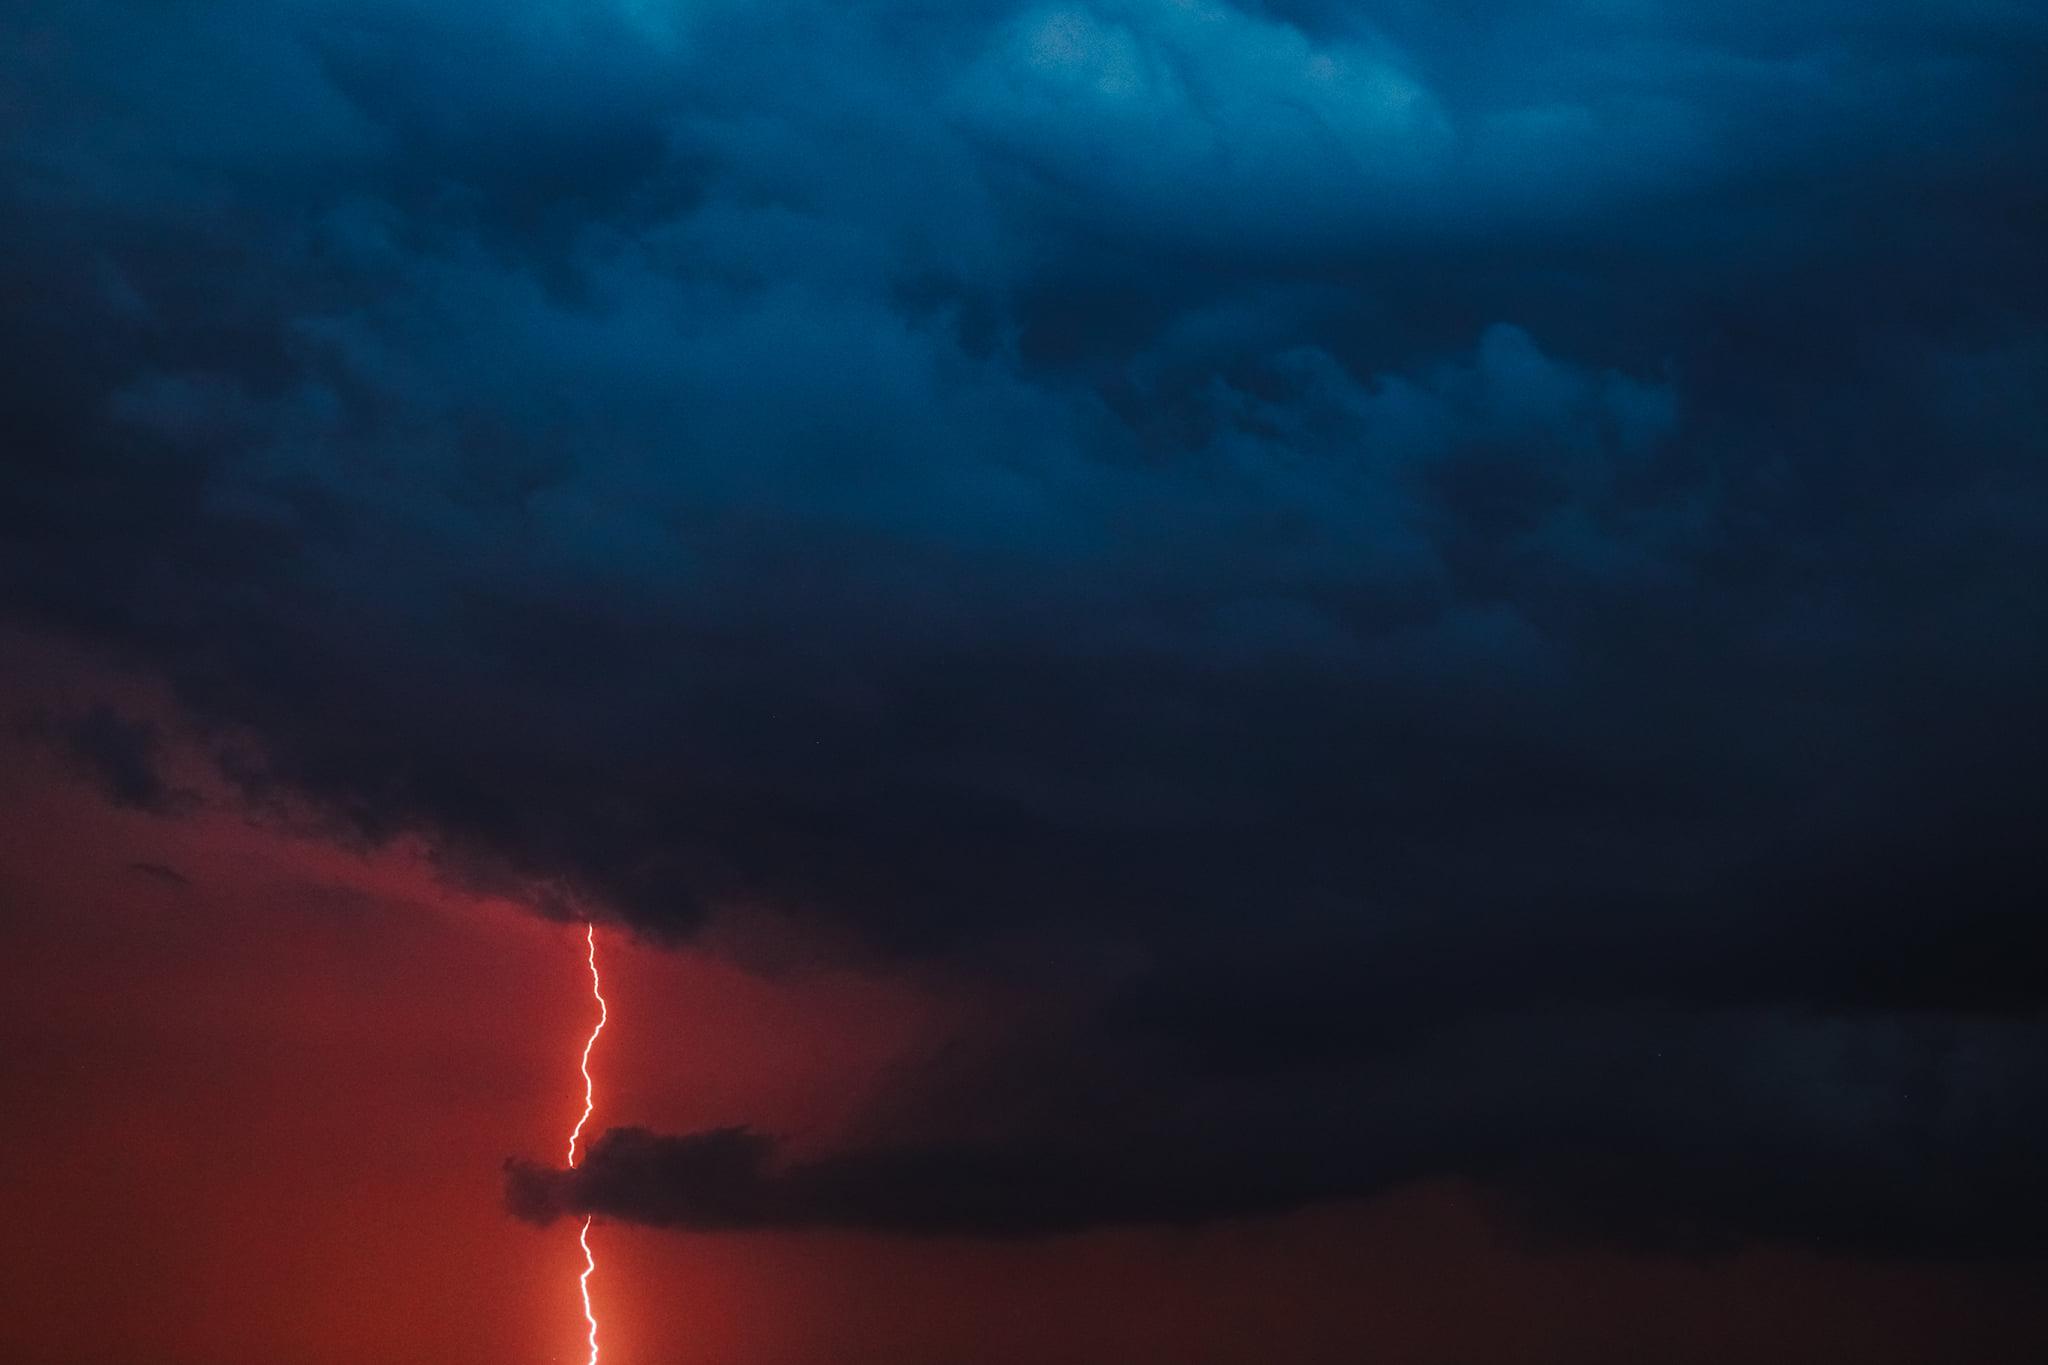 У Чернігівській області блискавка влучила в два житлові будинки. ФОТО